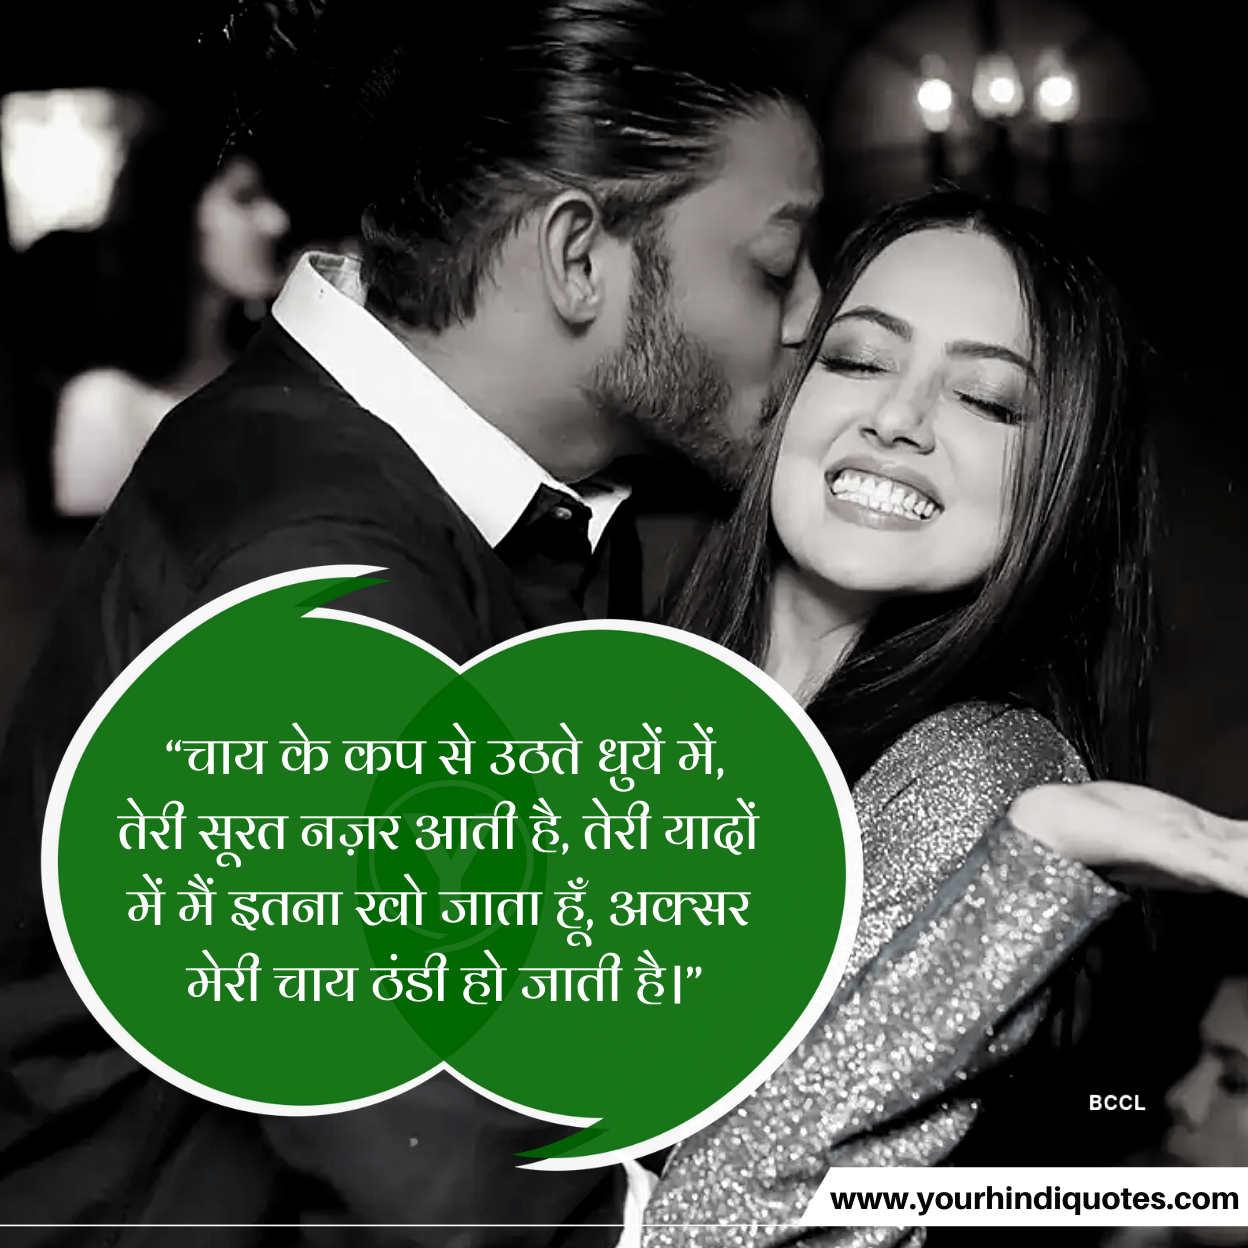 Hindi Good Morning Shayari Pics